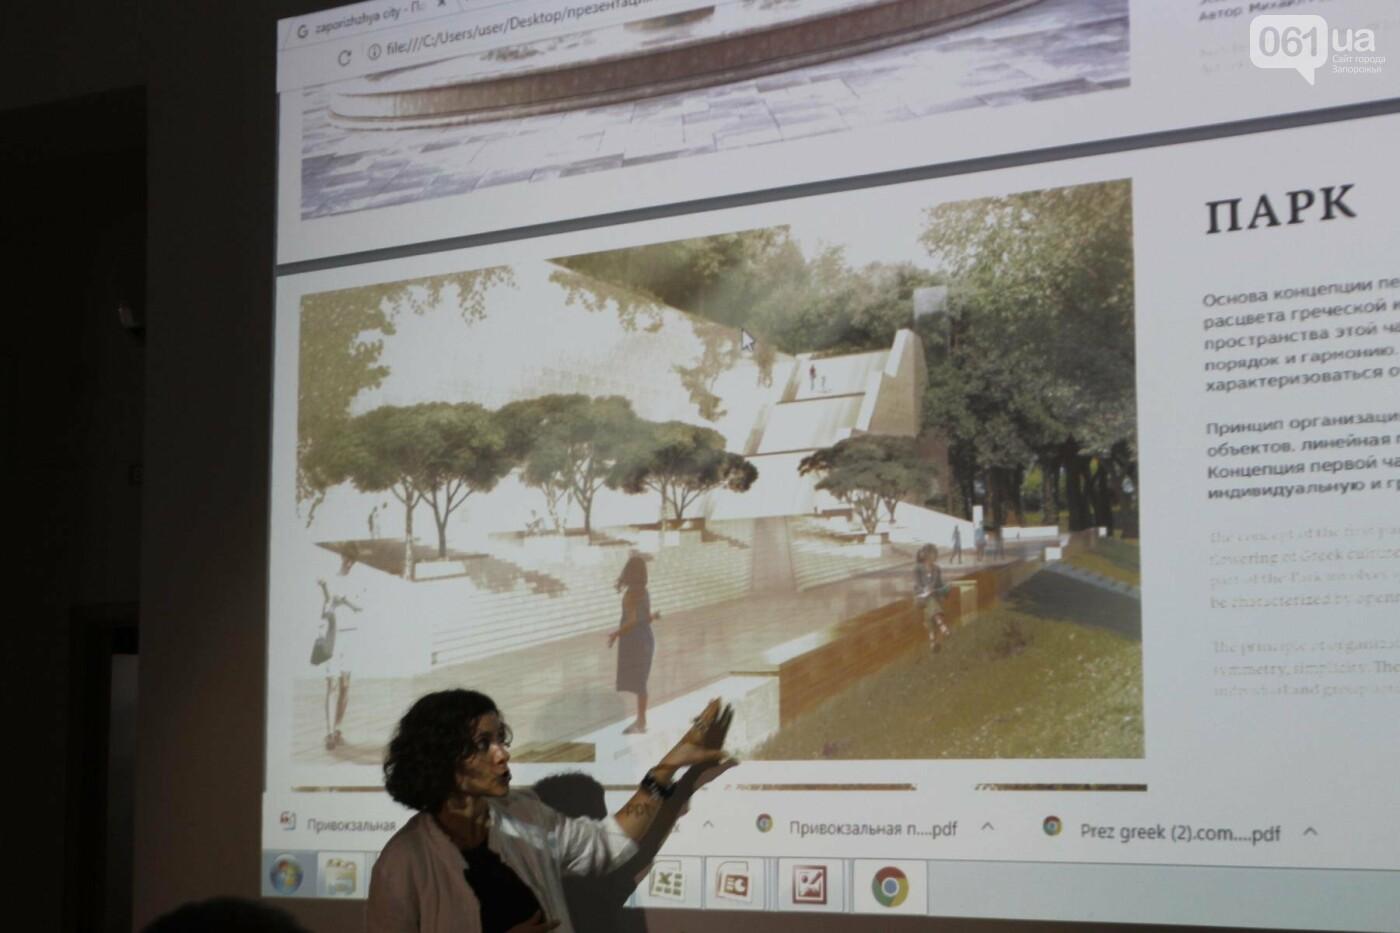 В Запорожье провели мозговой штурм и обсудили будущий проект Привокзальной площади, – ФОТОРЕПОРТАЖ, фото-3